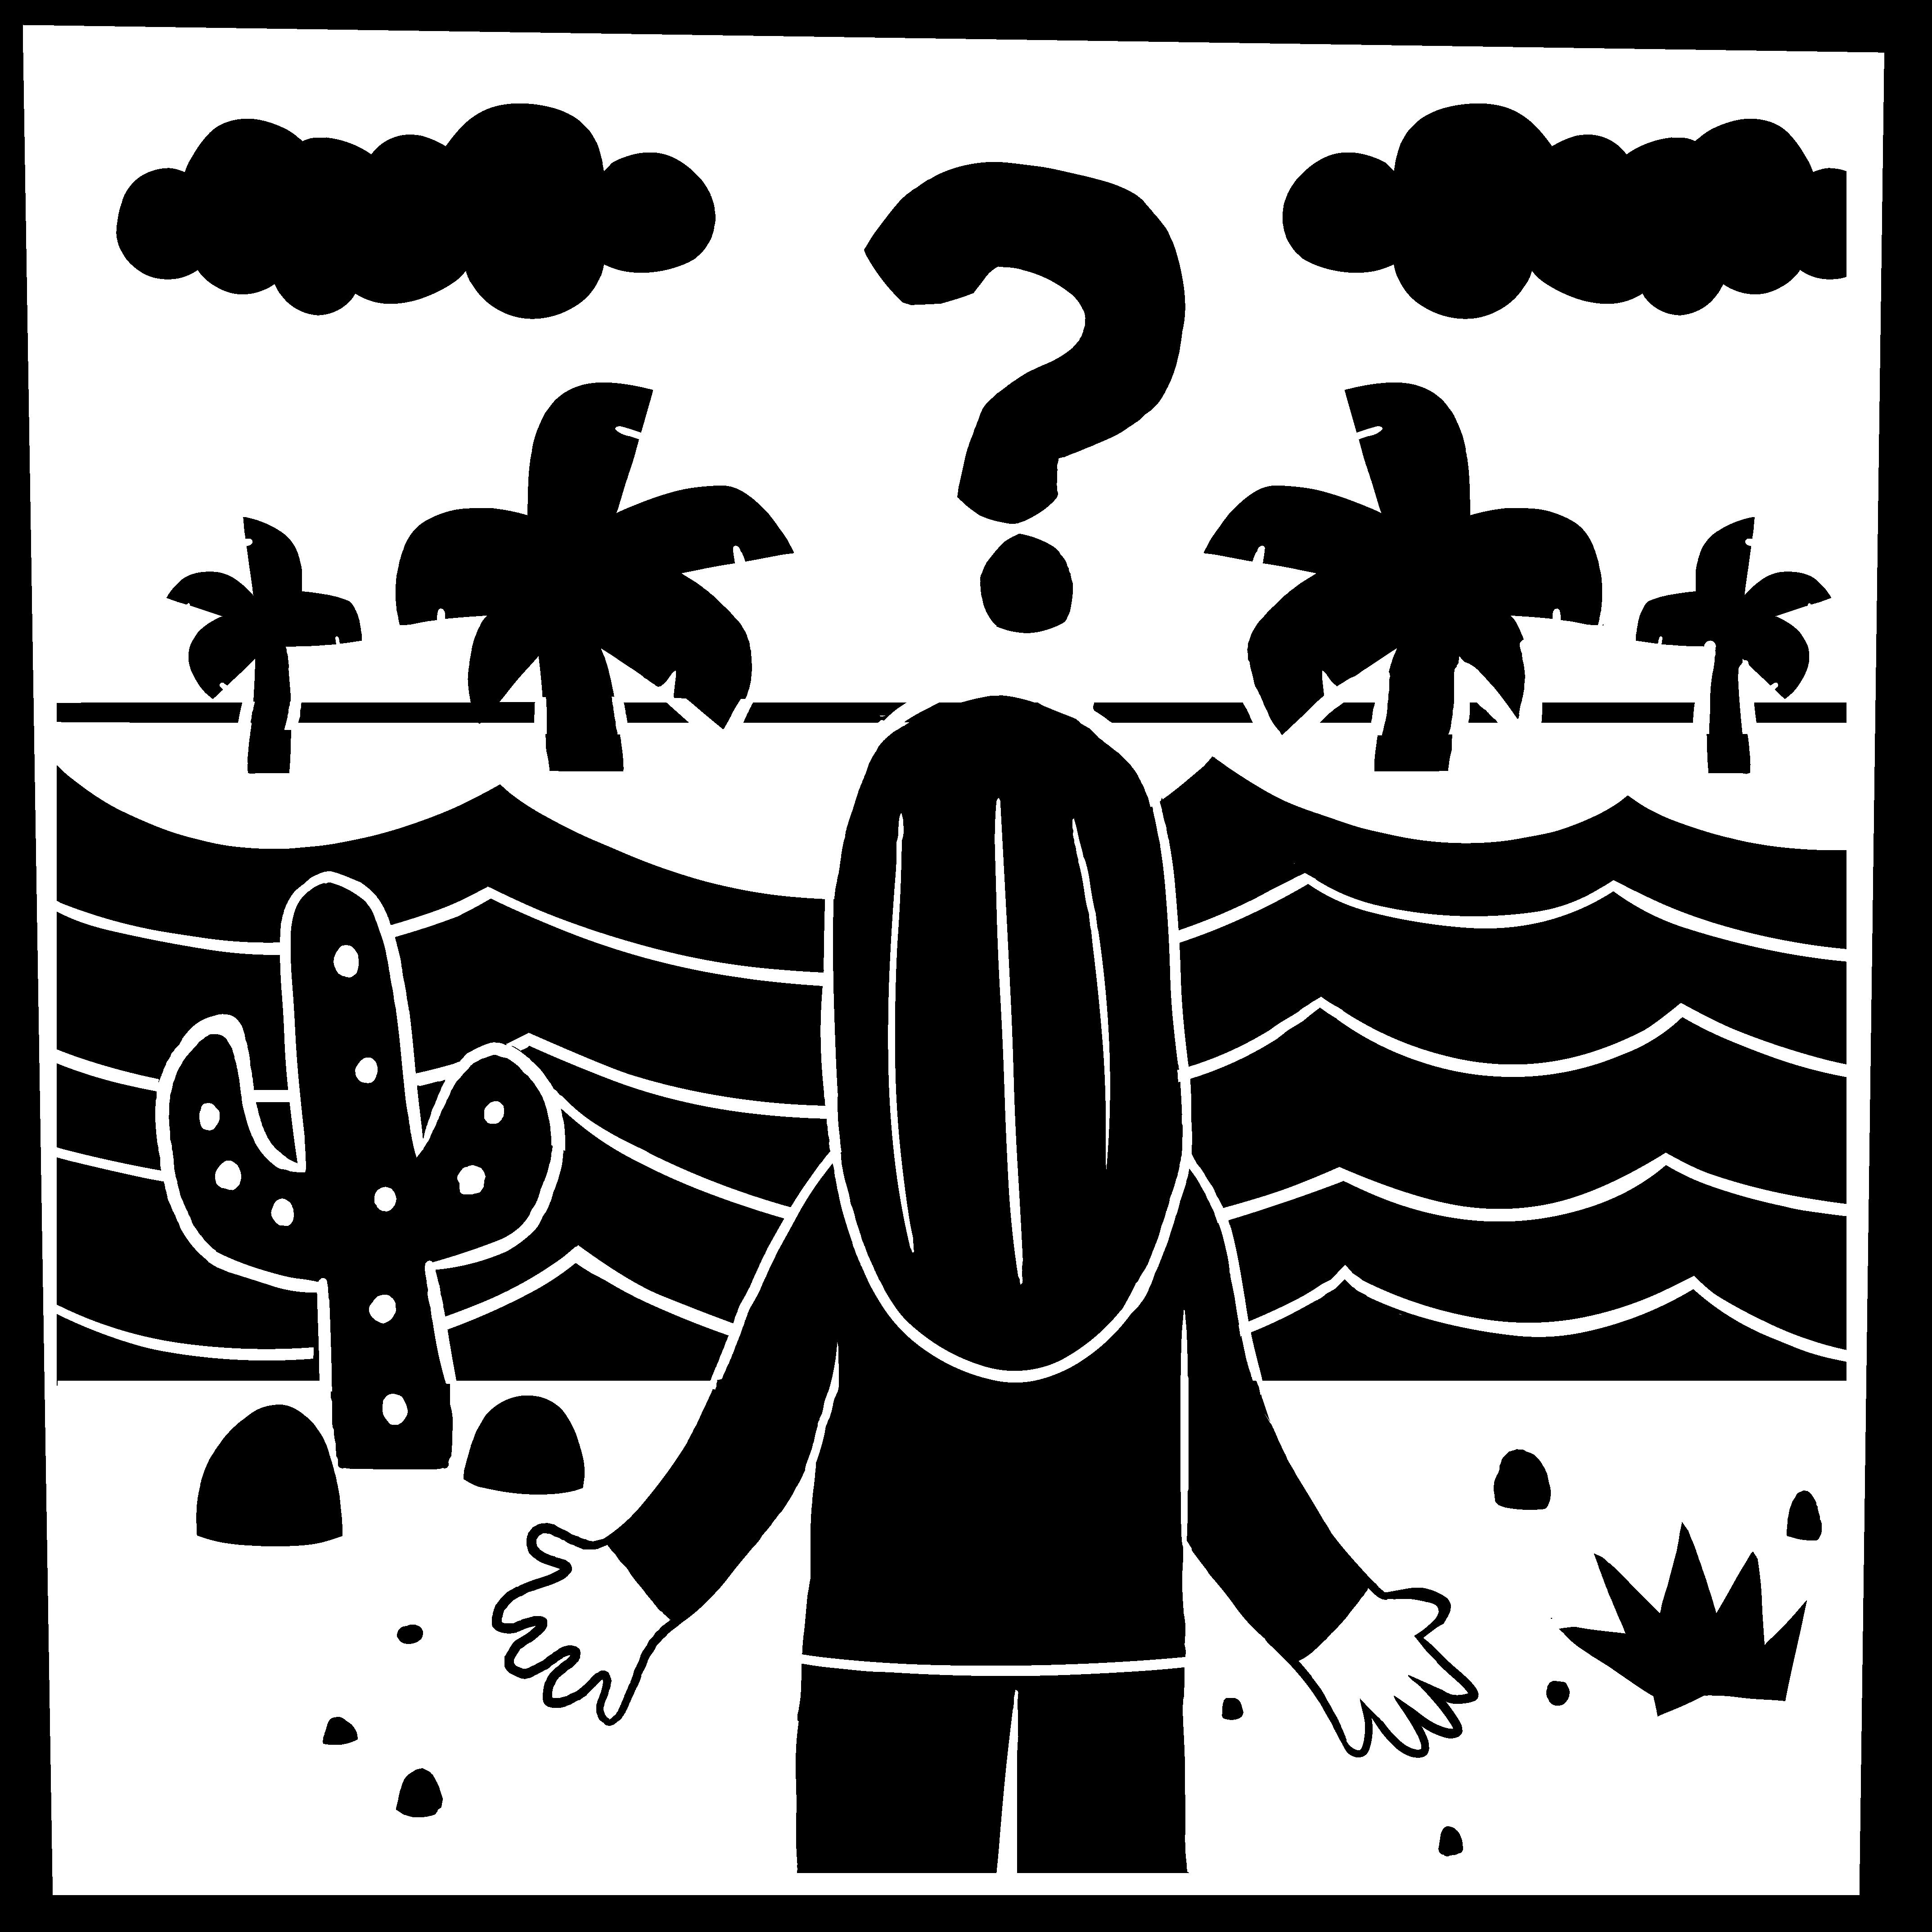 </p> <p><center>Aqui perguntas como: ``Onde? Quando? Como?`` deixam de ser importantes.</center>